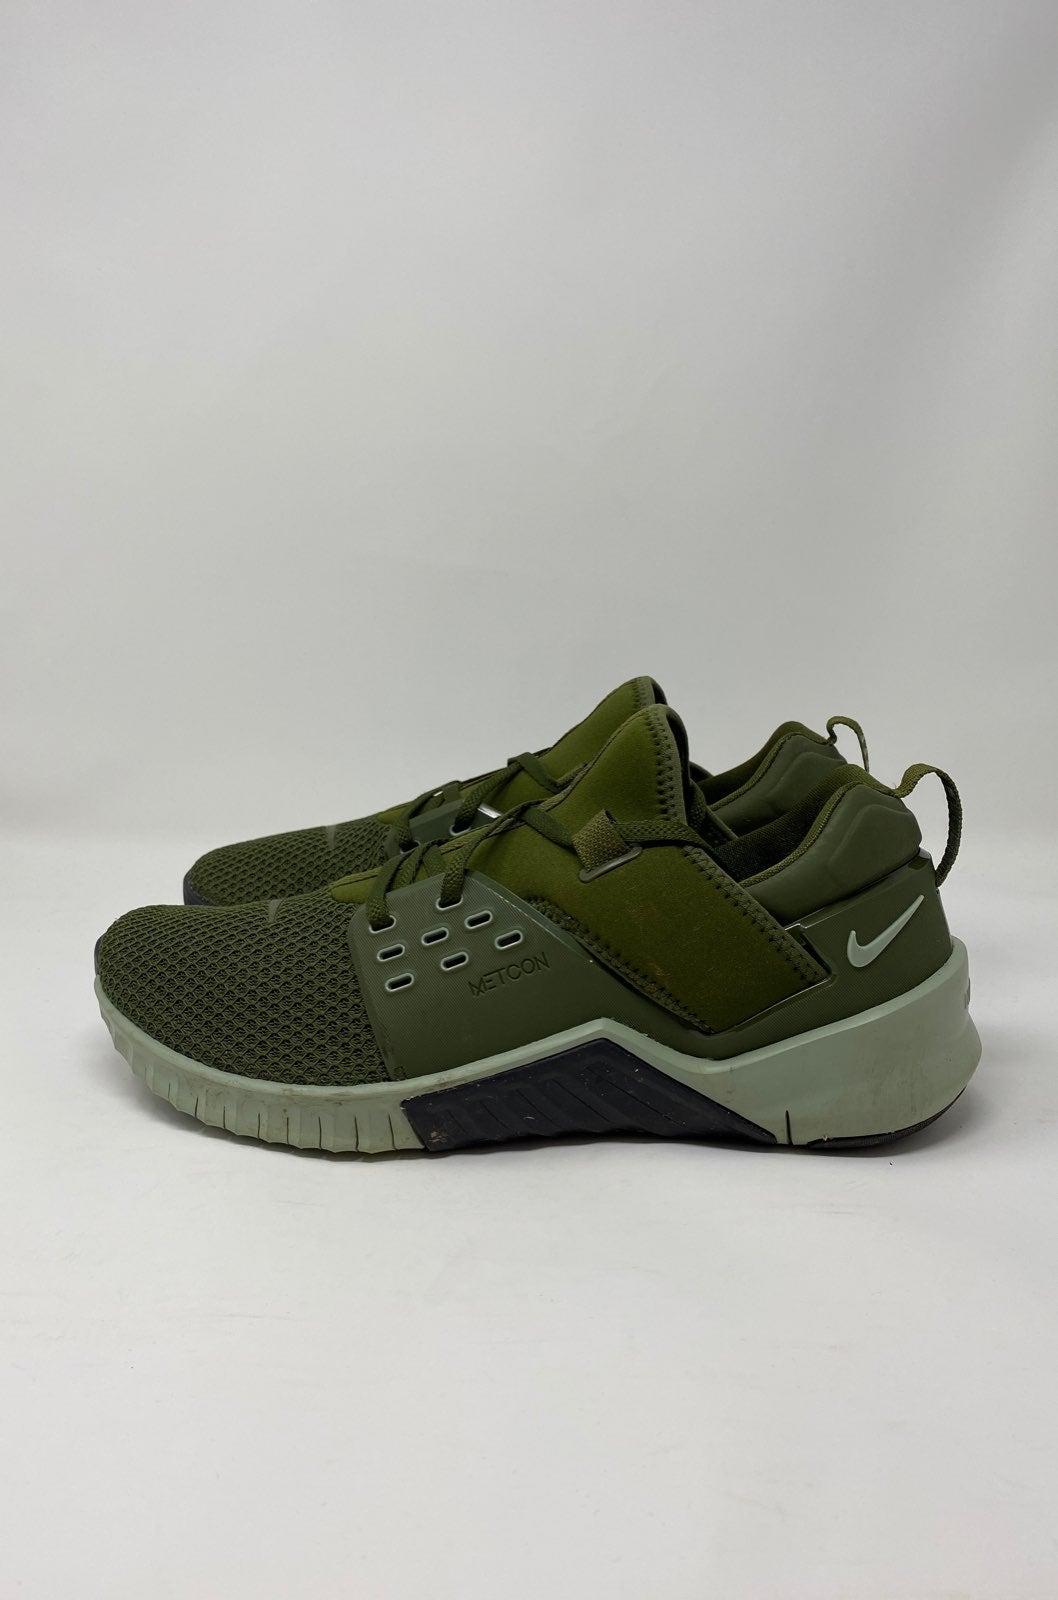 Nike Men's Free Metcon 2 - Size 11.5